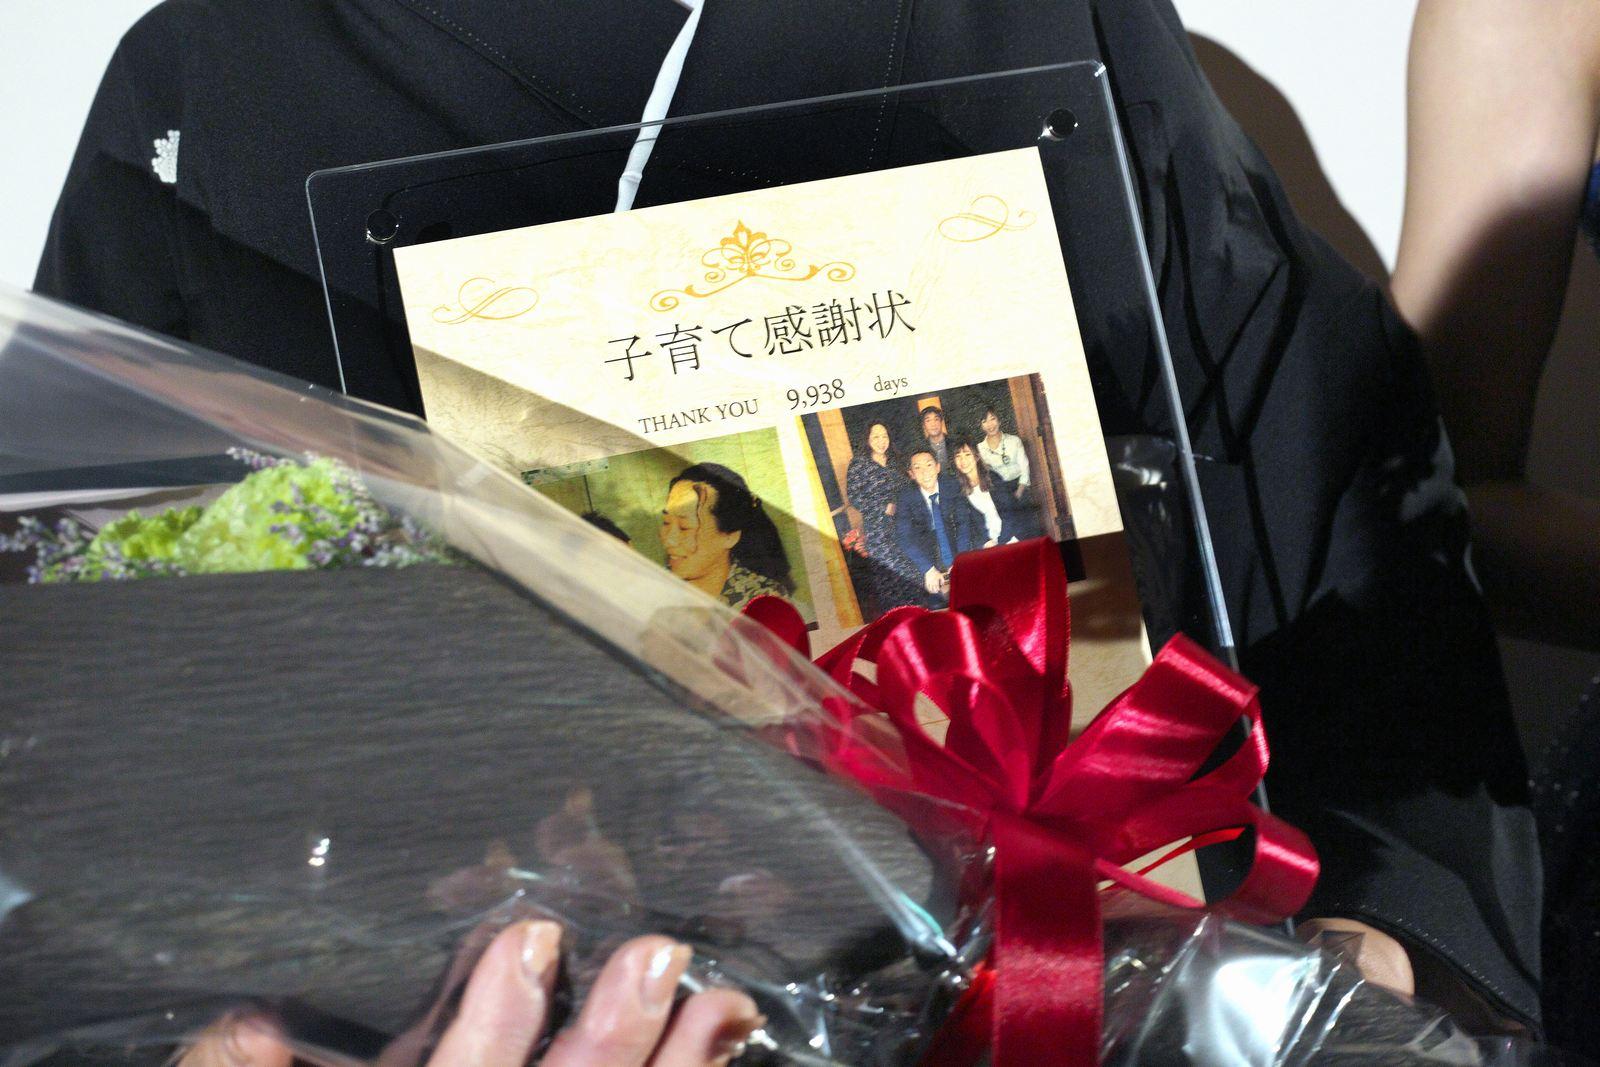 高松市の結婚式場アイルバレクラブの記念品